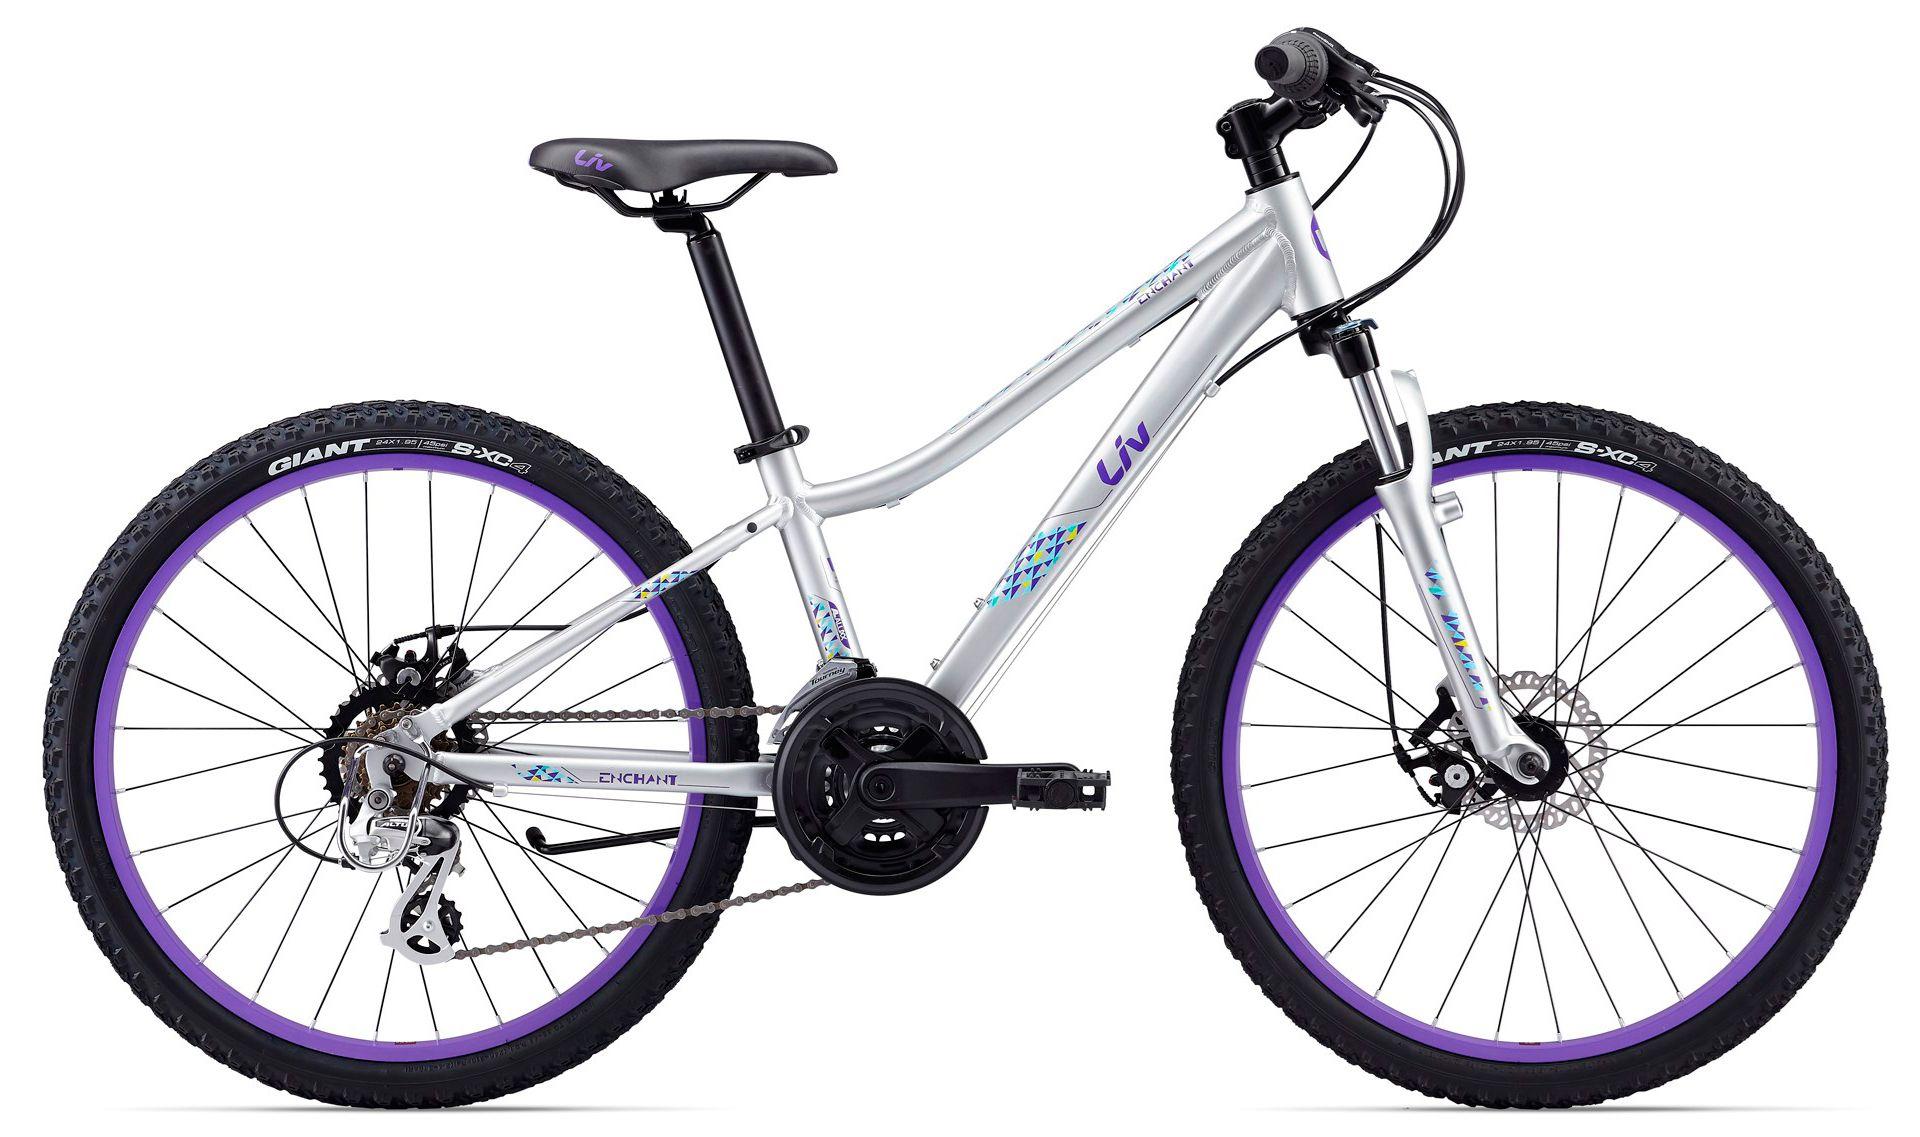 Велосипед Giant Enchant 1 24 Disc 2017 велосипед giant enchant 1 2016